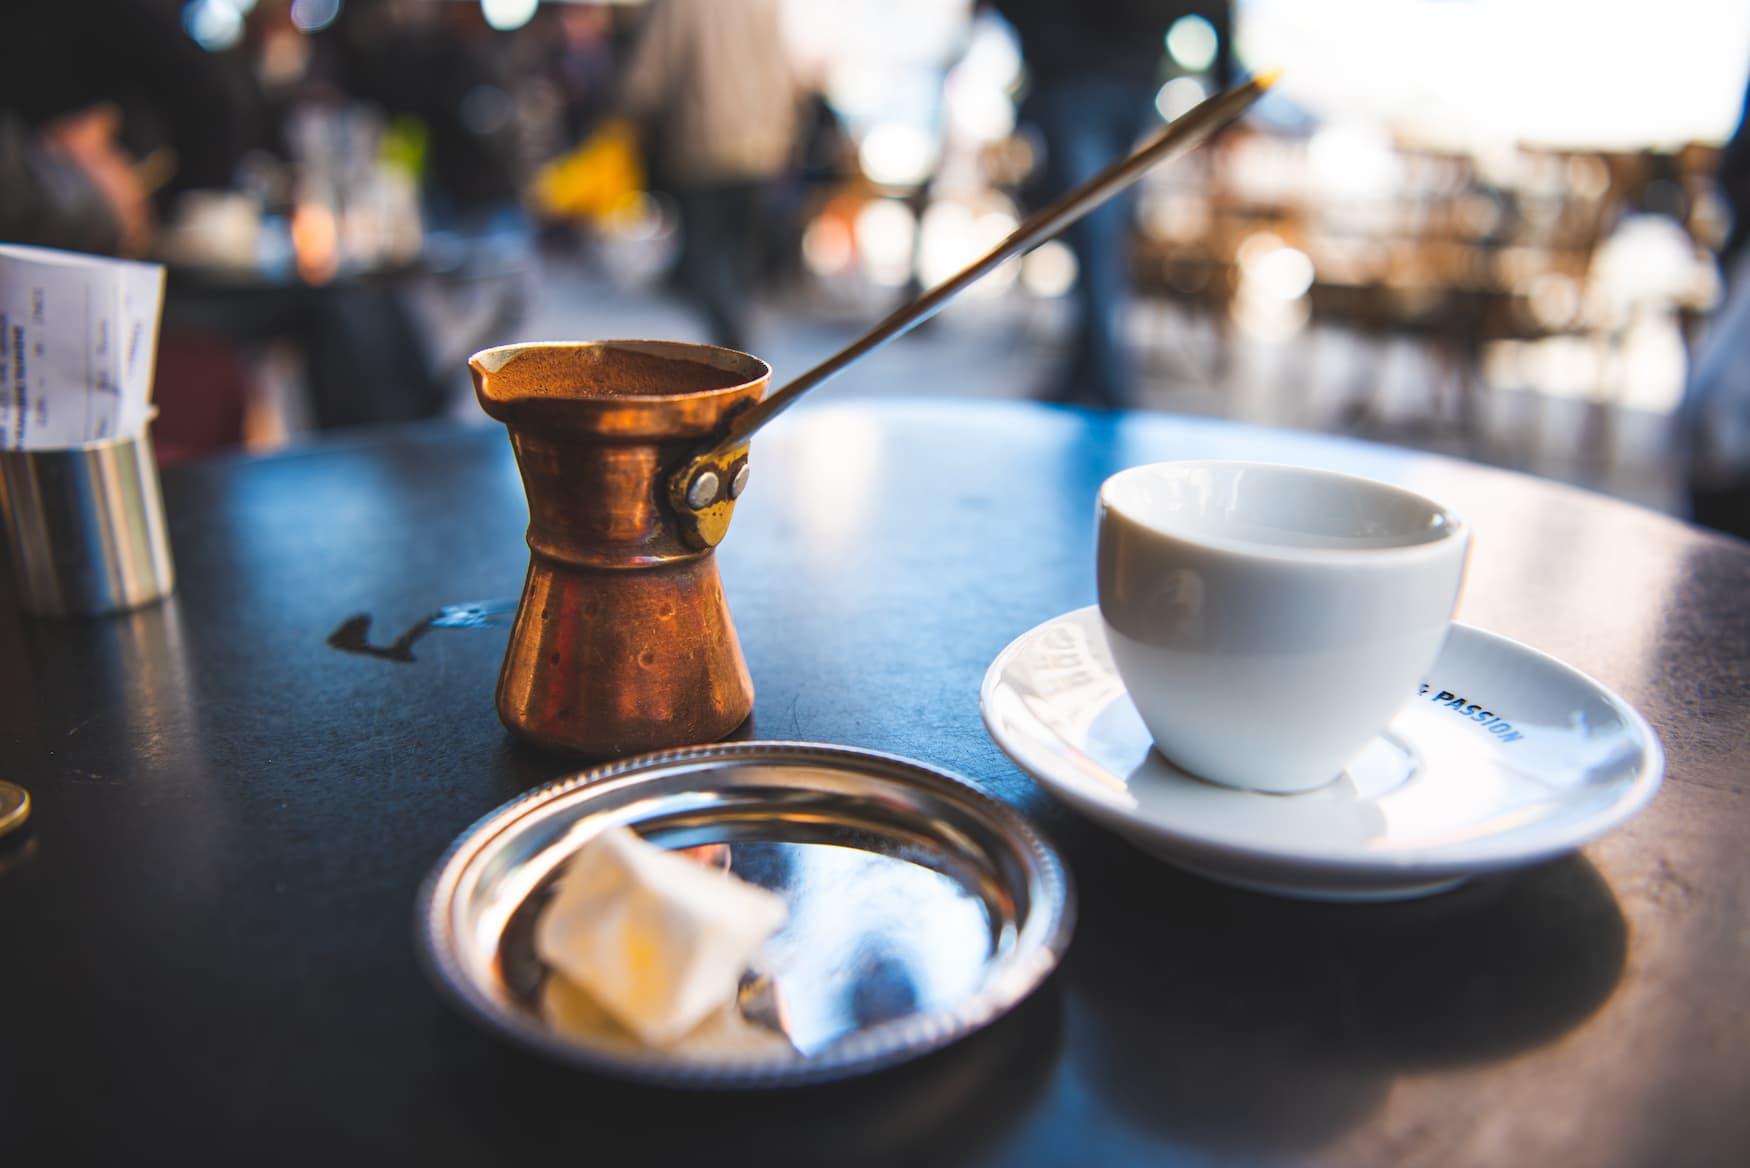 Griechischer Kaffee serviert in einem Kaffee in Chalkidiki